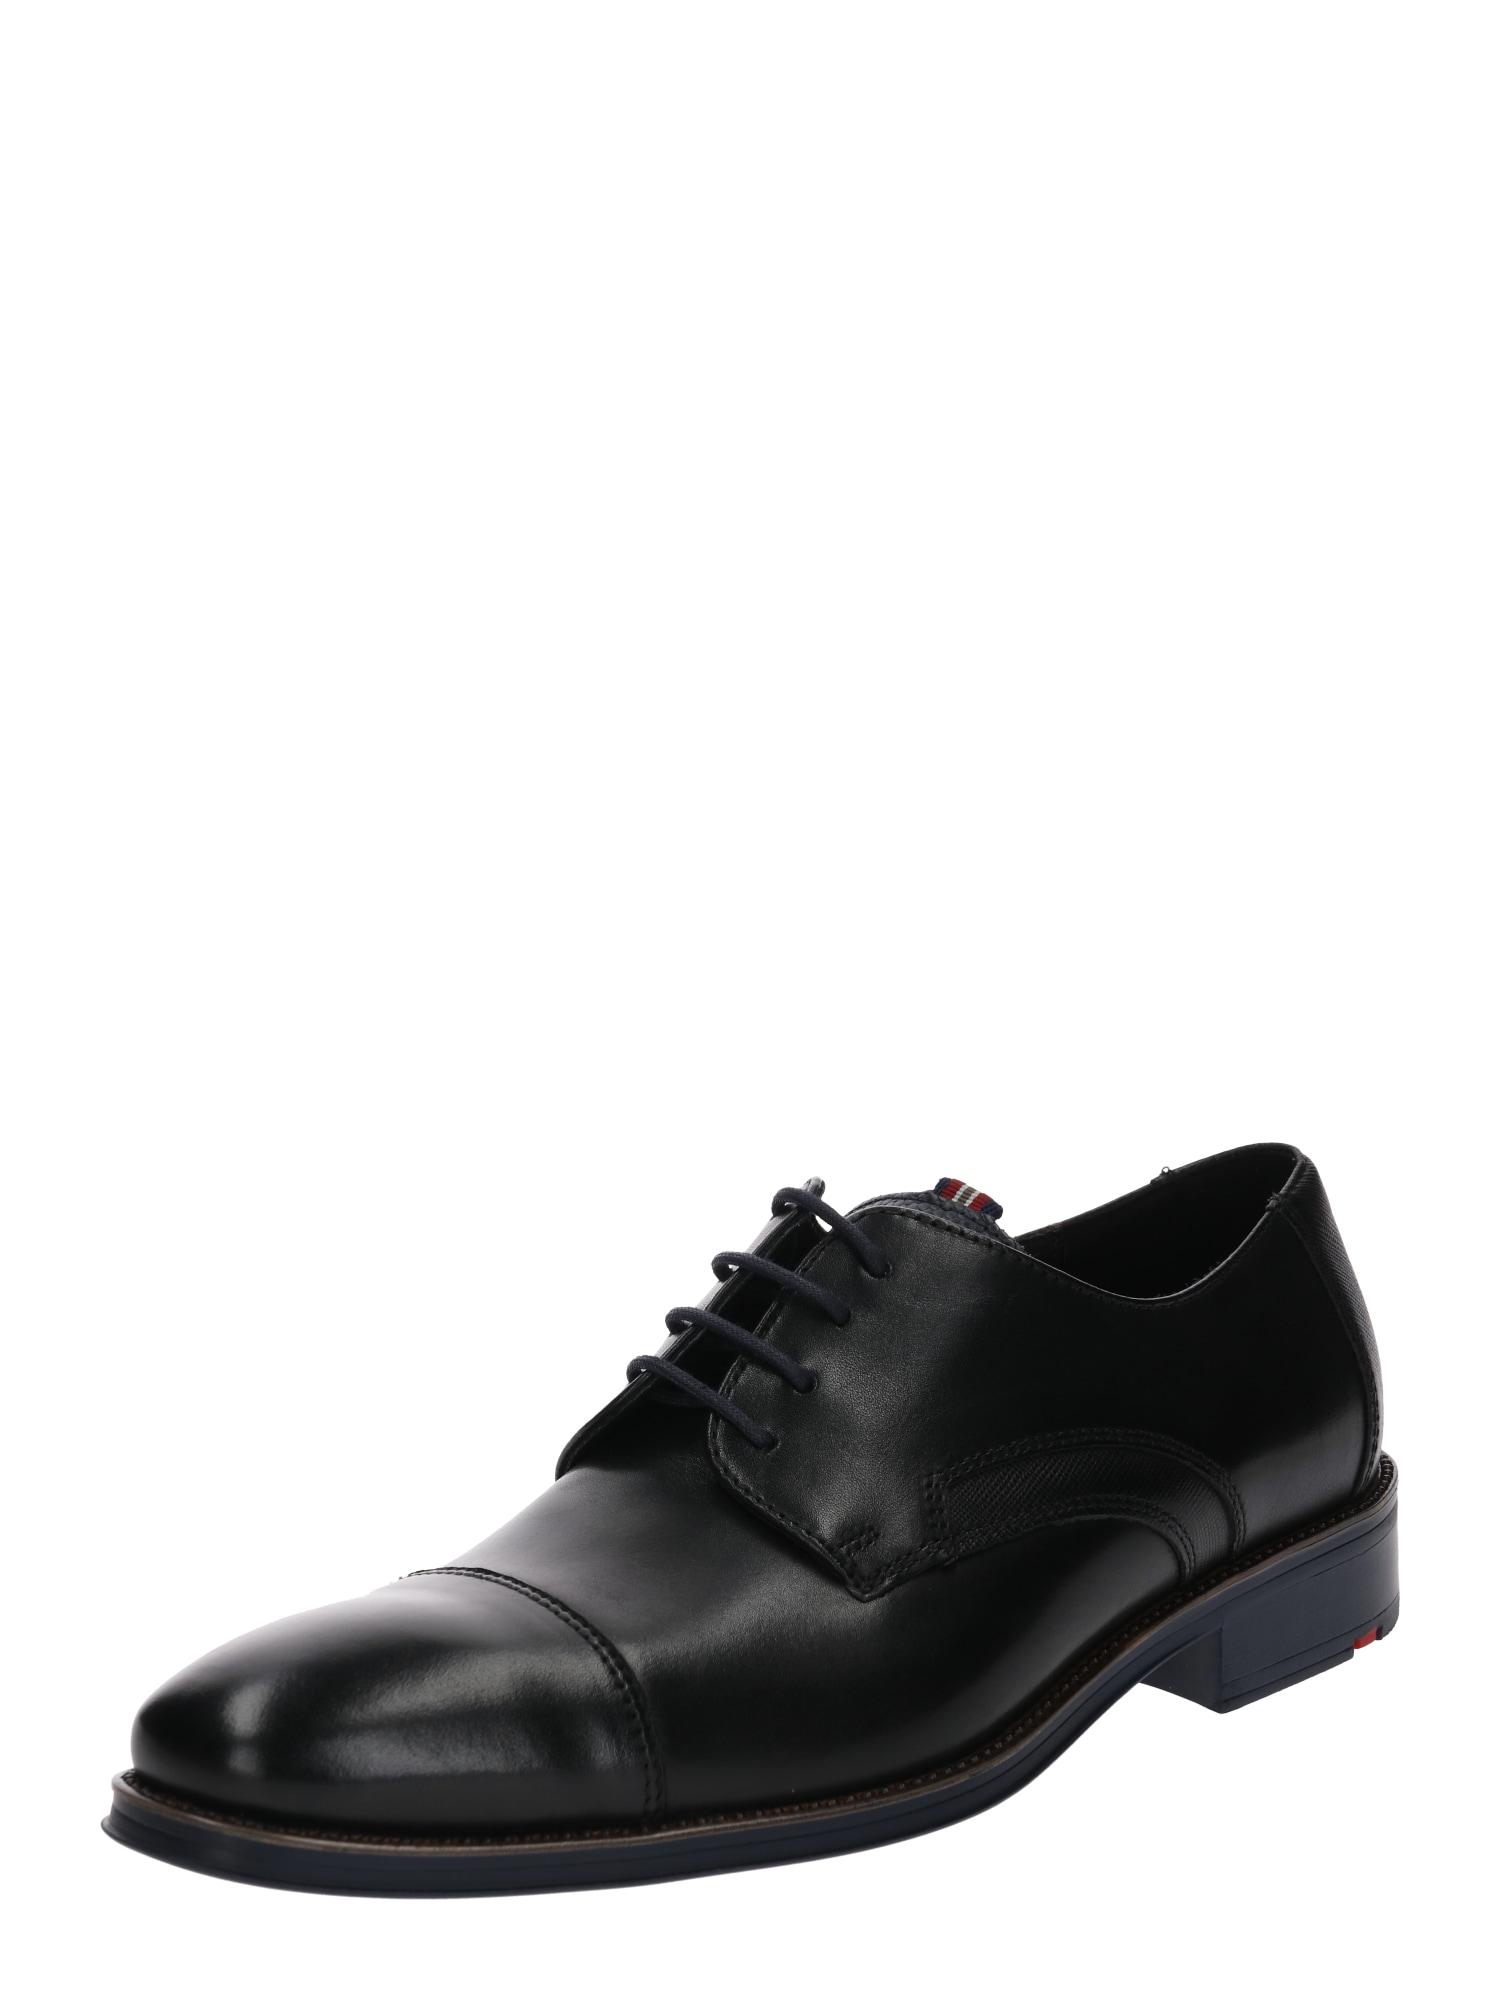 Šněrovací boty GRIFFIN černá LLOYD